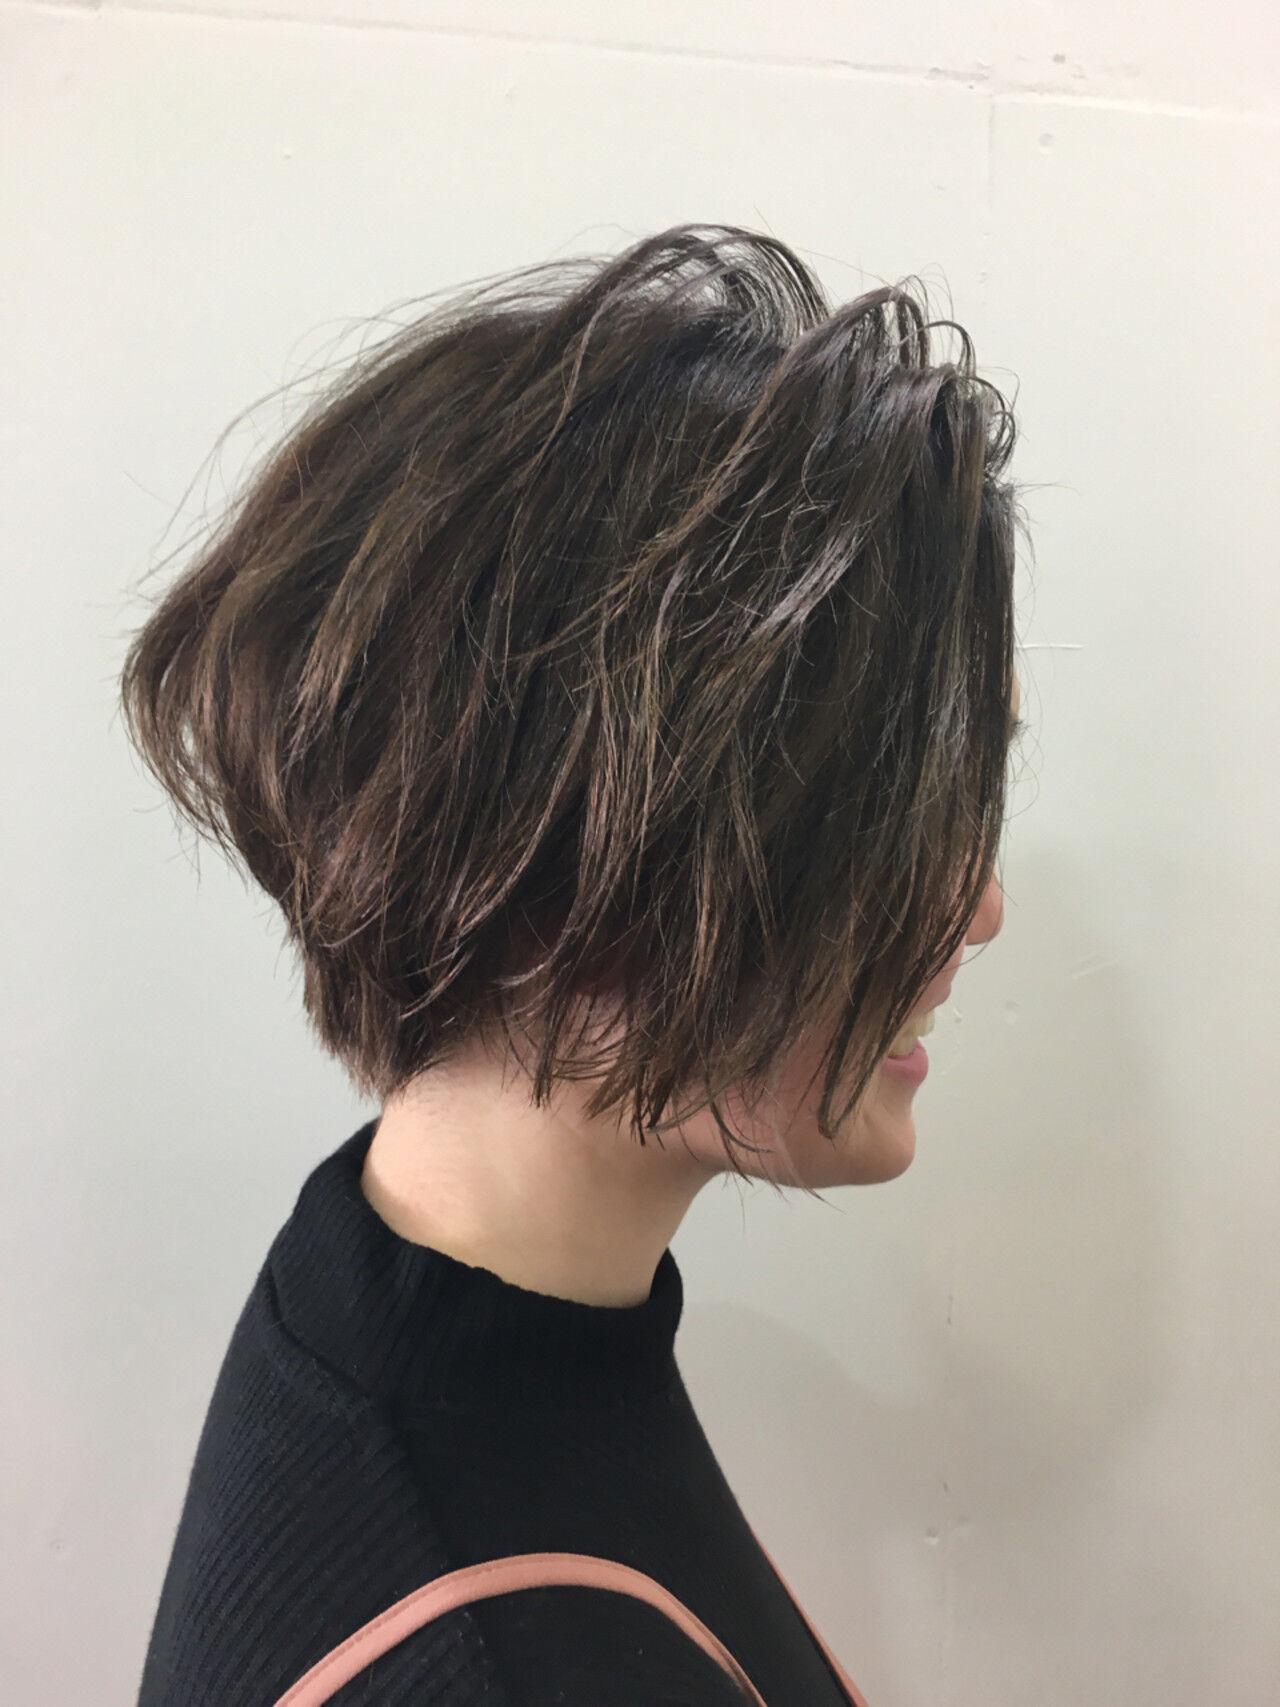 ボブ ハイライト モード ショートボブヘアスタイルや髪型の写真・画像